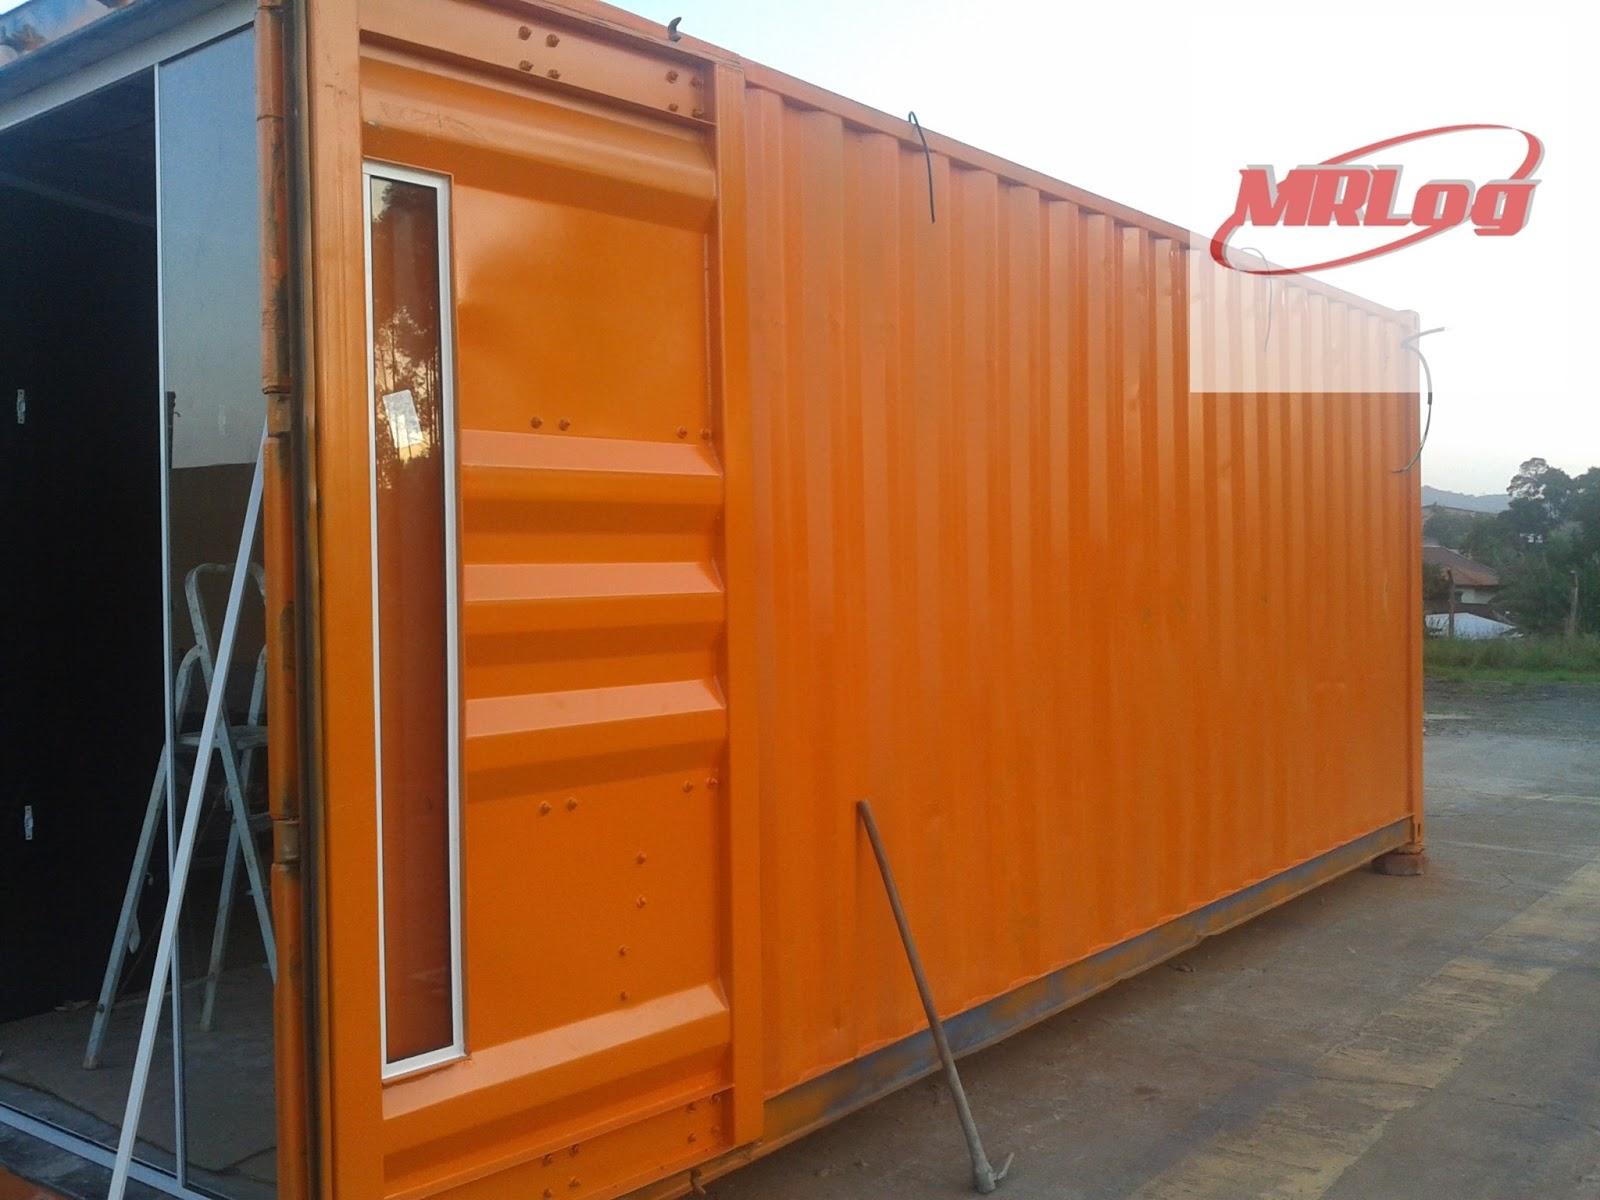 Container MRLOG venda e locação de container : Projeto loja de  #B95006 1600x1200 Banheiro Container Locação Sc